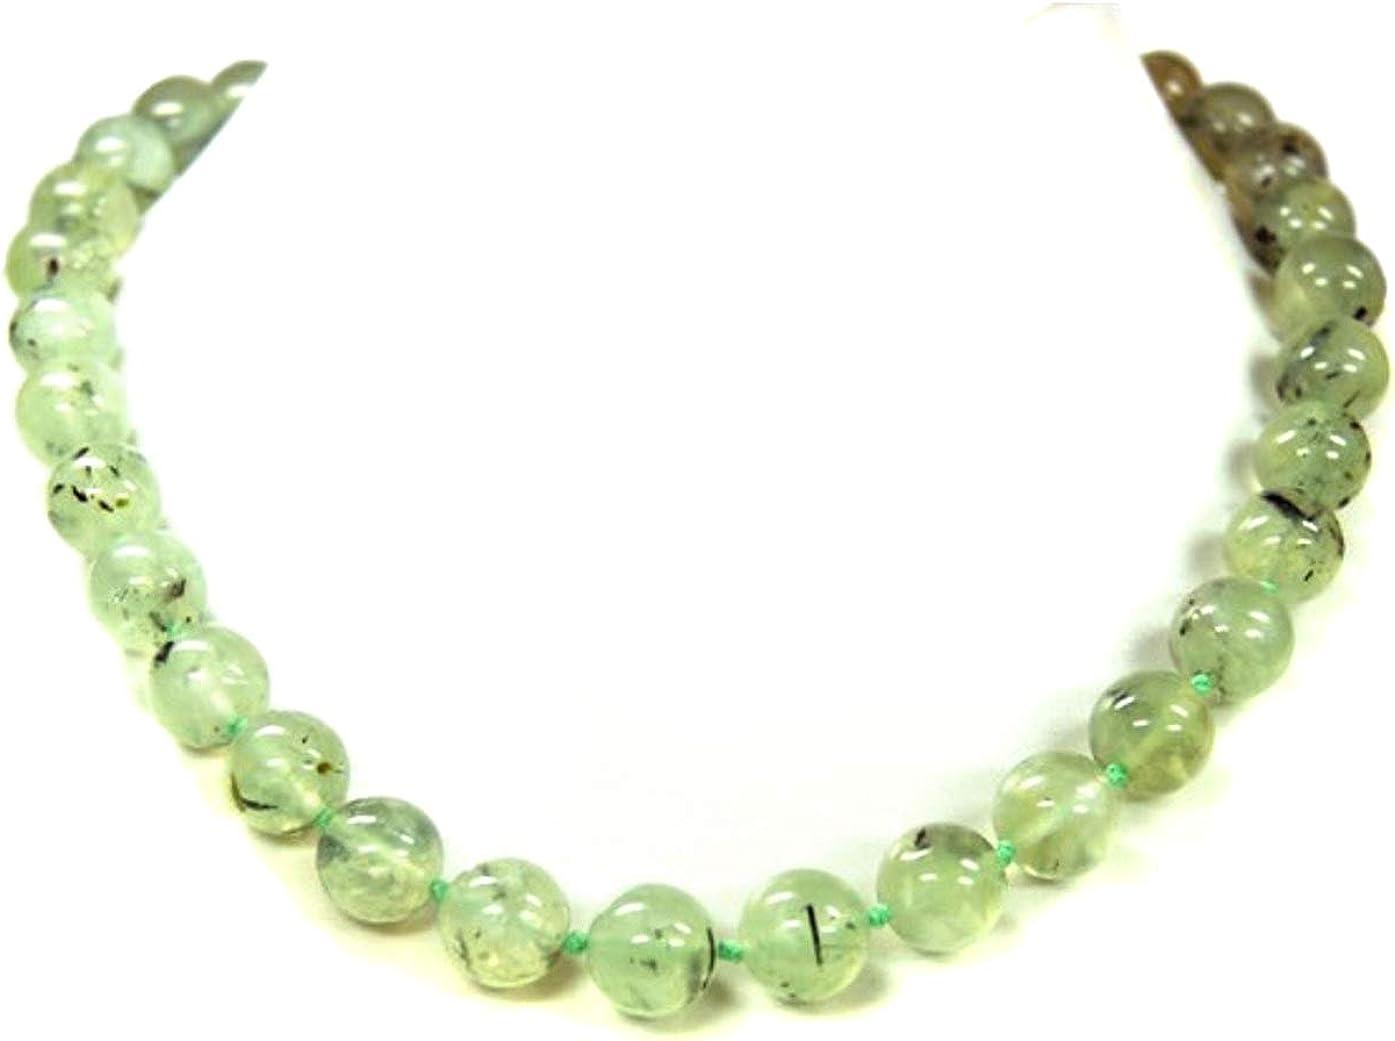 Außergewöhnlich schöne Halskette aus Edelsteien Lava /& Fossilachat in Kugelform